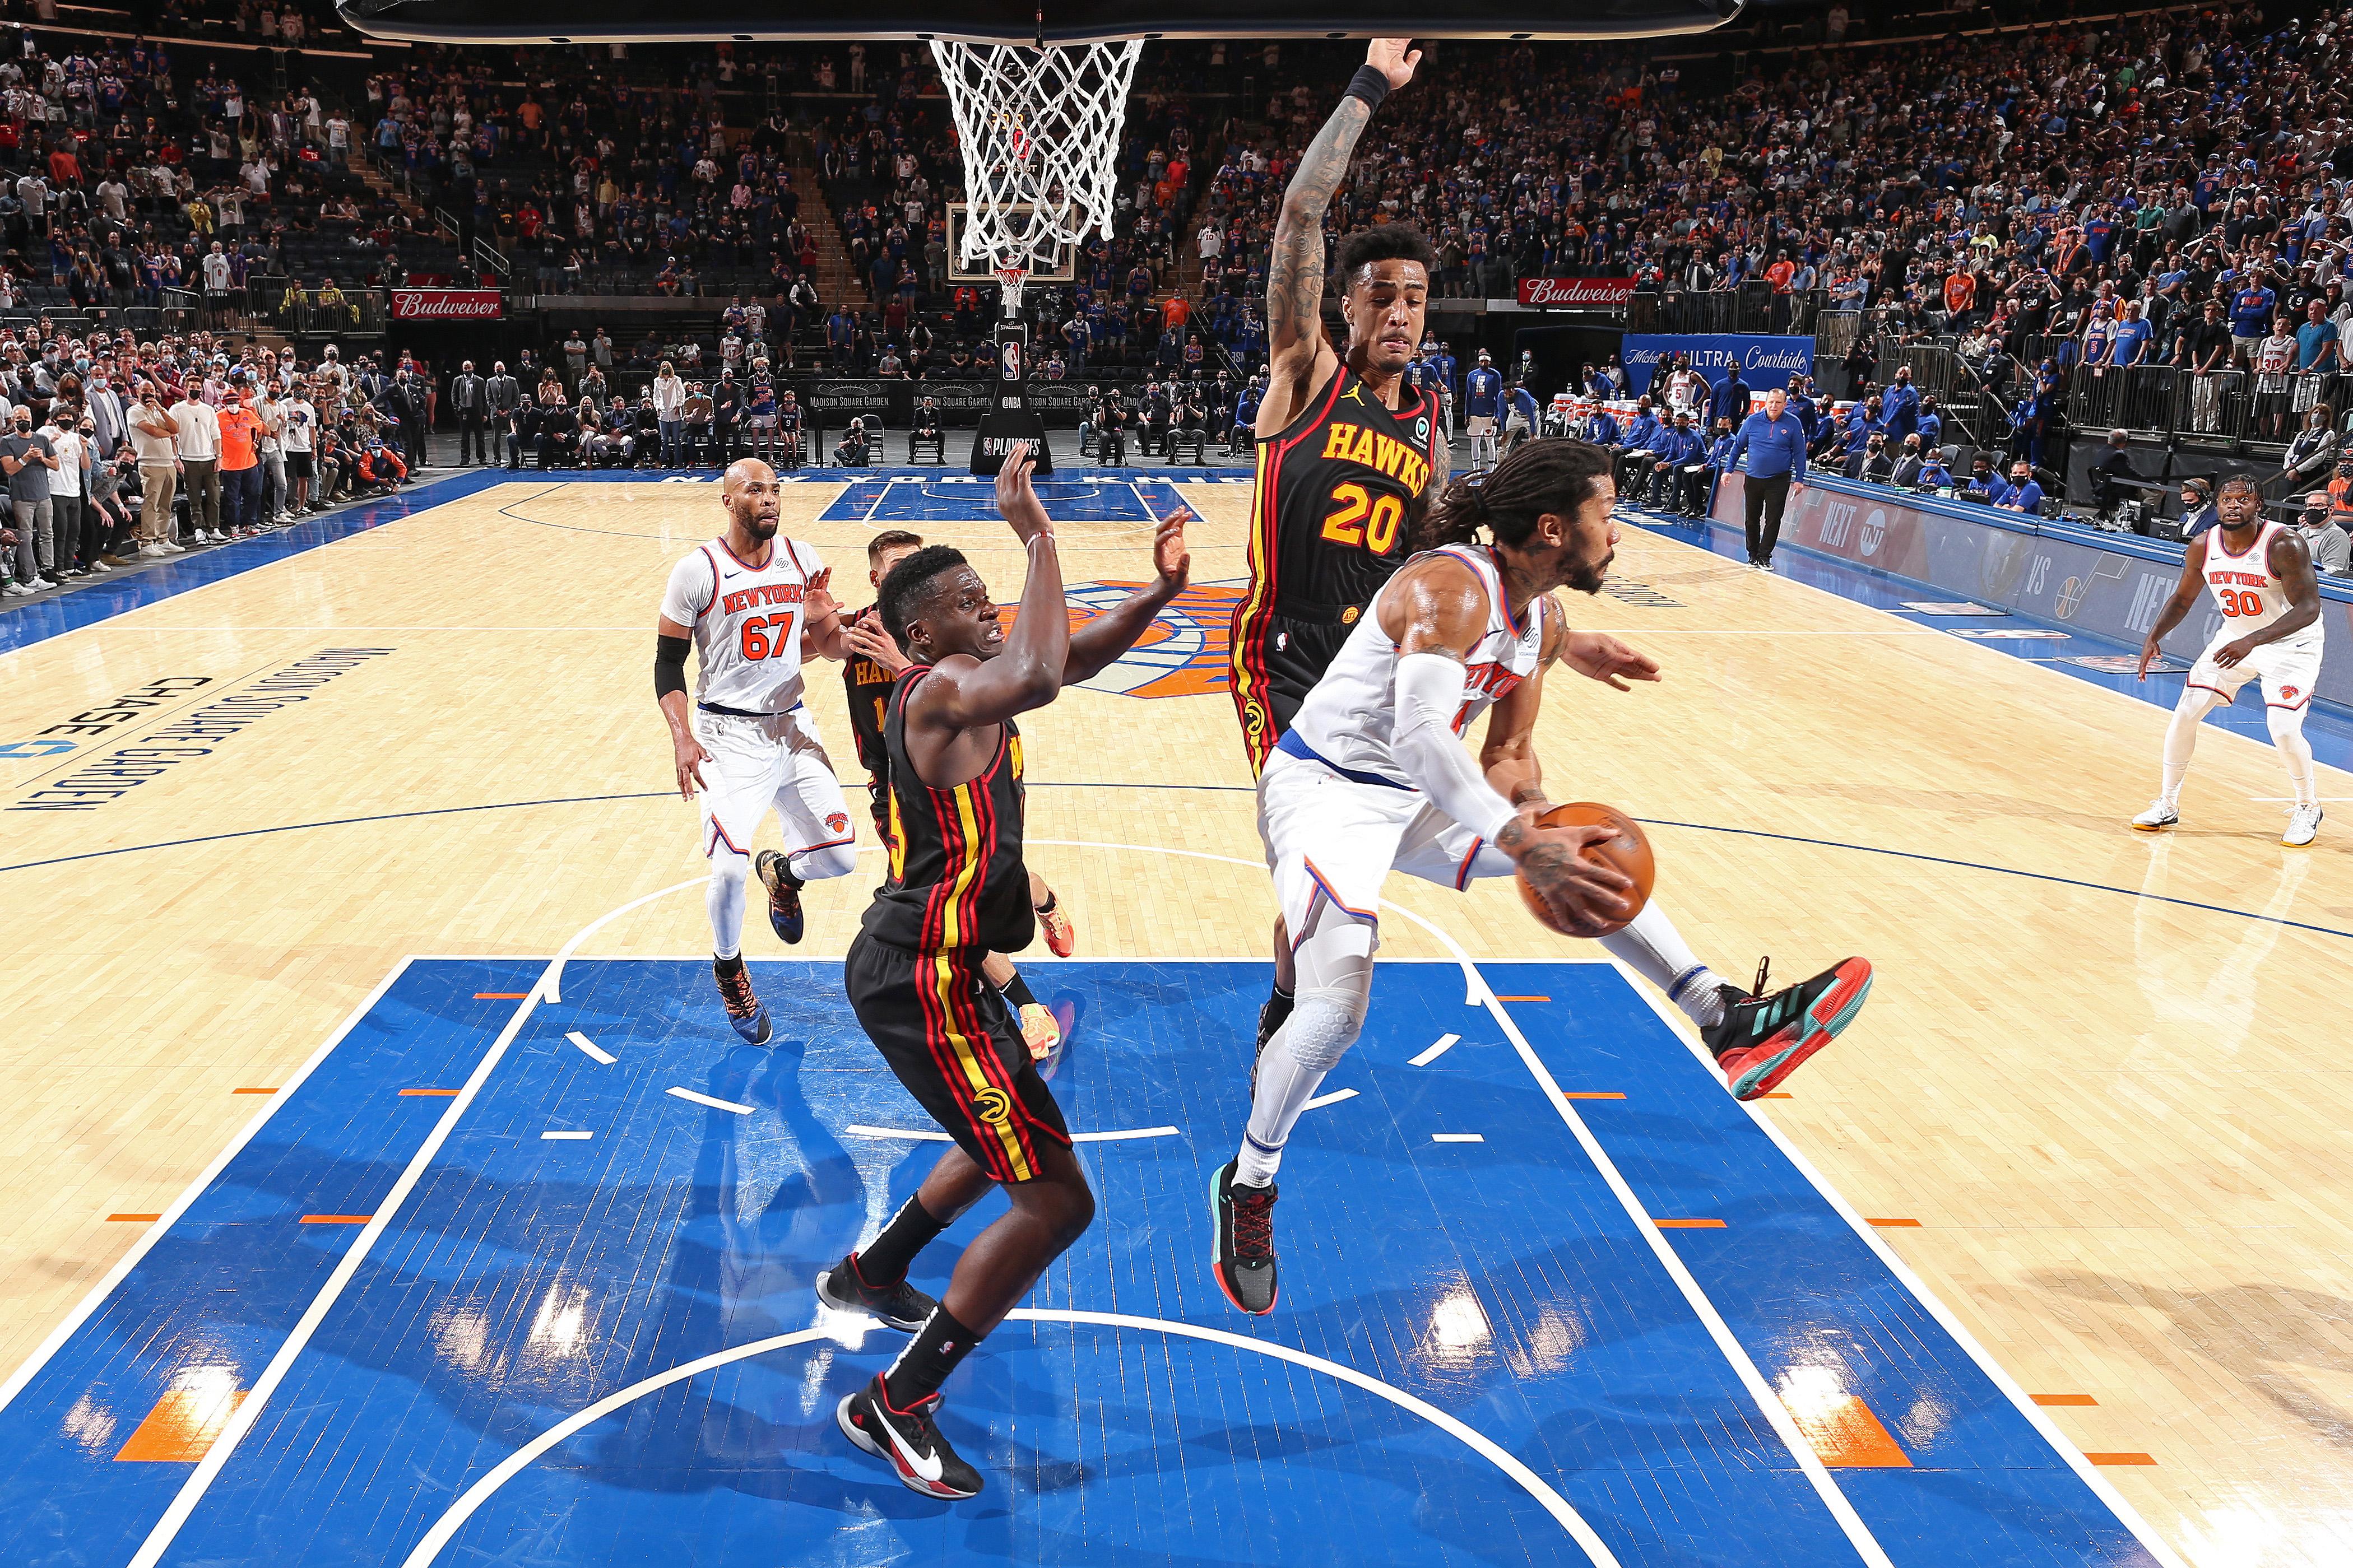 2021年NBA季后赛——亚特兰大老鹰队vs纽约尼克斯队